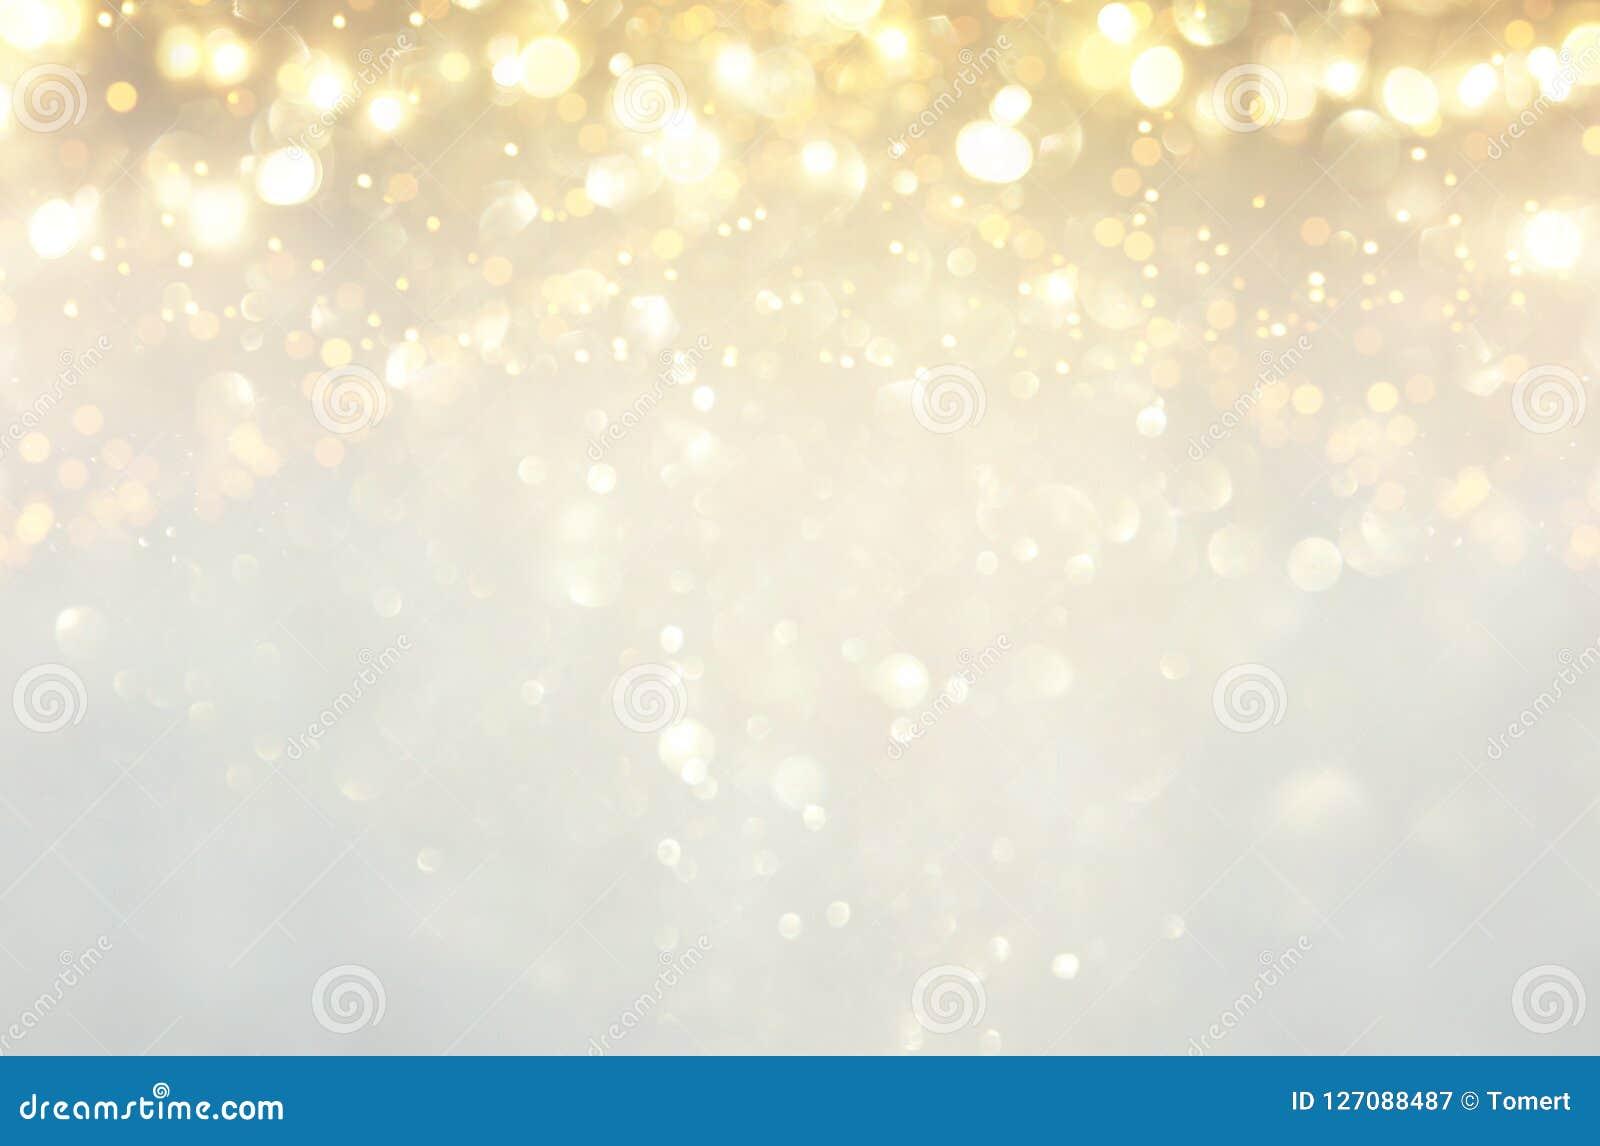 Blänka tappningljusbakgrund silver, guld och vit de-fokuserat